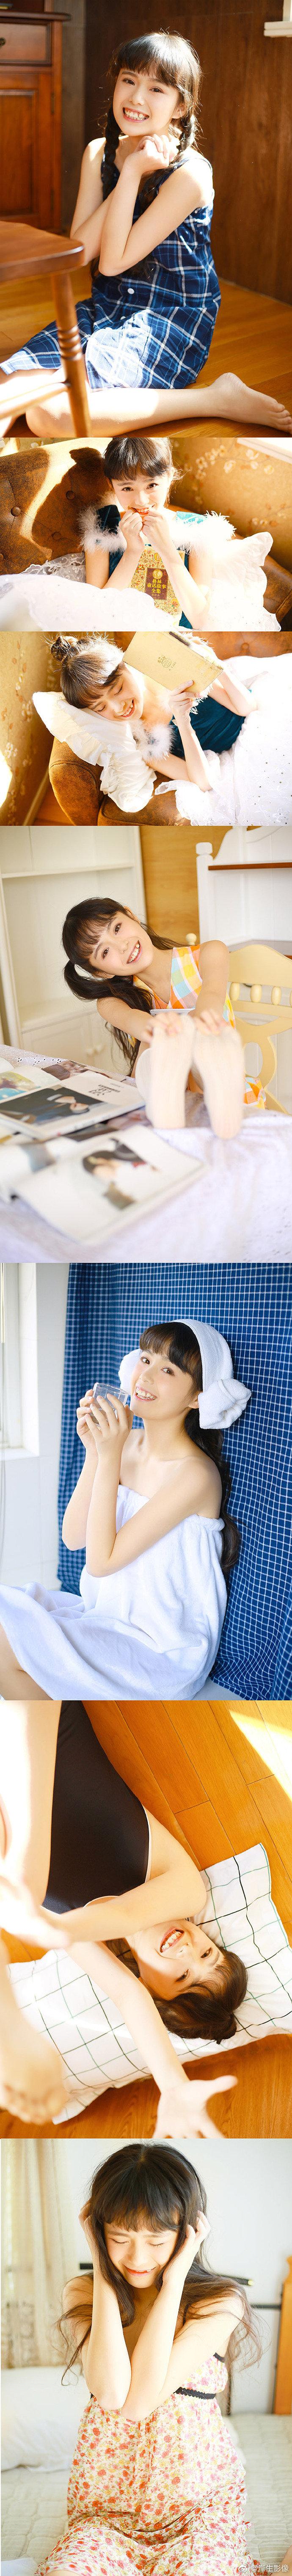 少女时代 丨@岸生影像